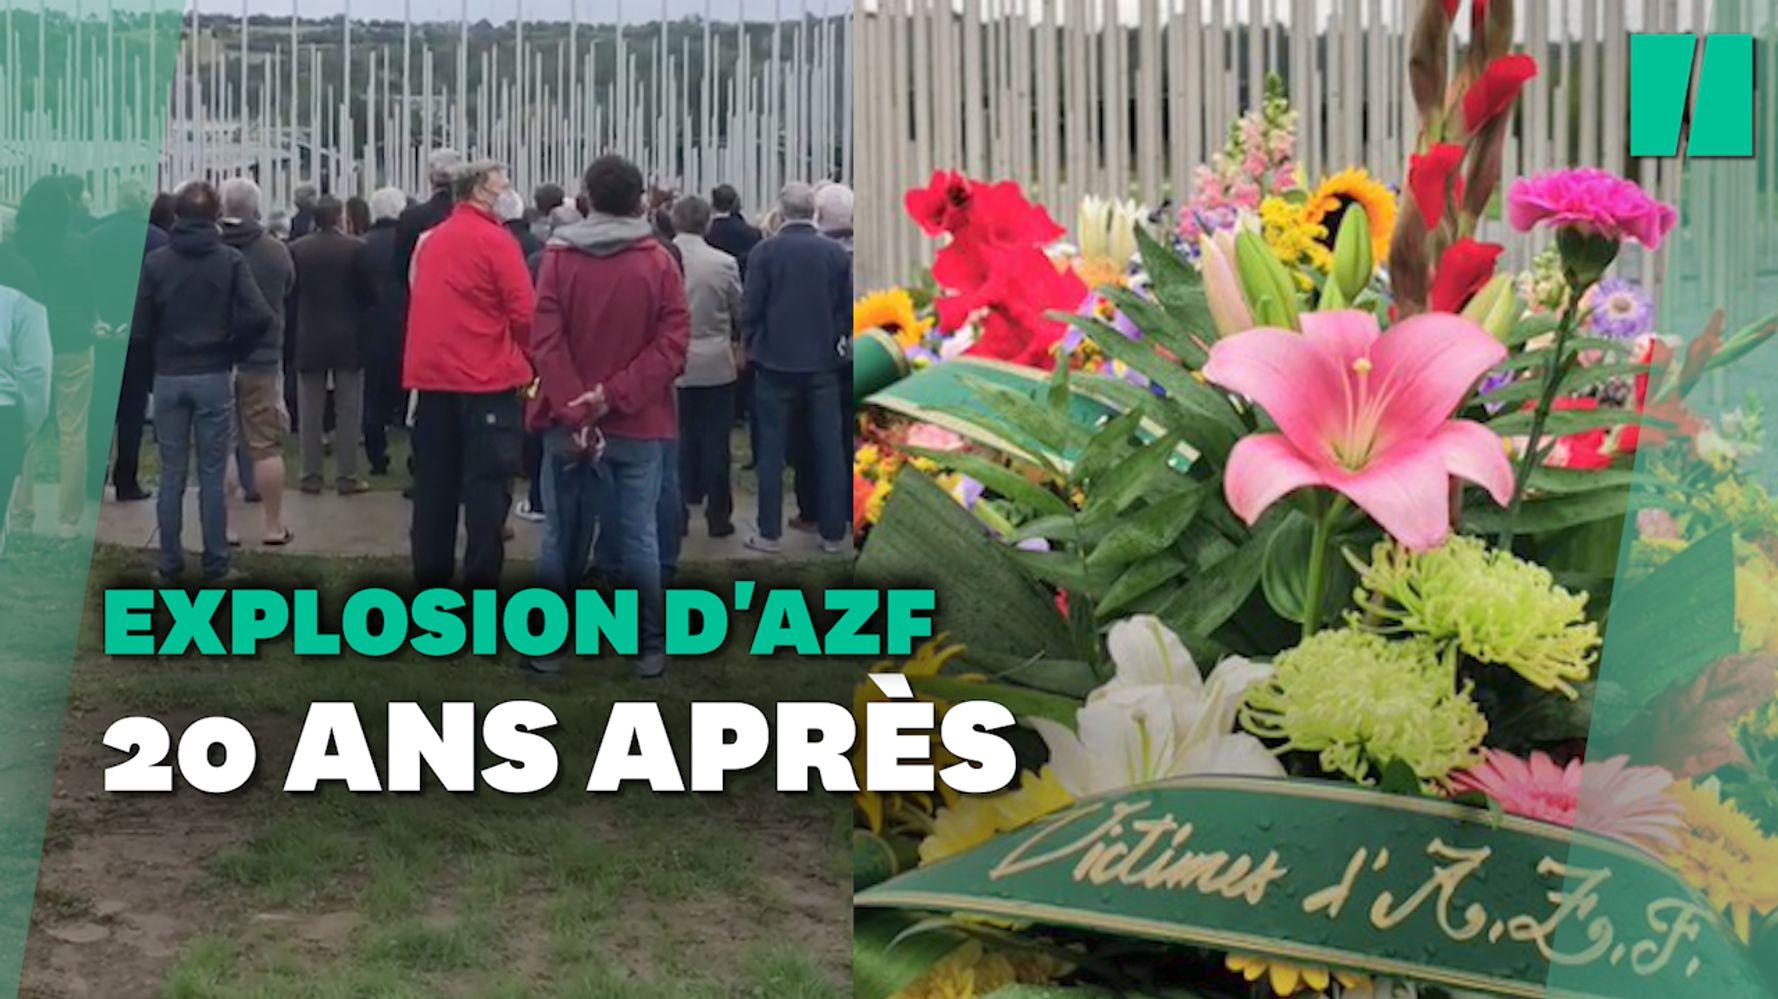 Explosion de l'usine AZF de Toulouse: les images de l'hommage aux victimes 20 ans après